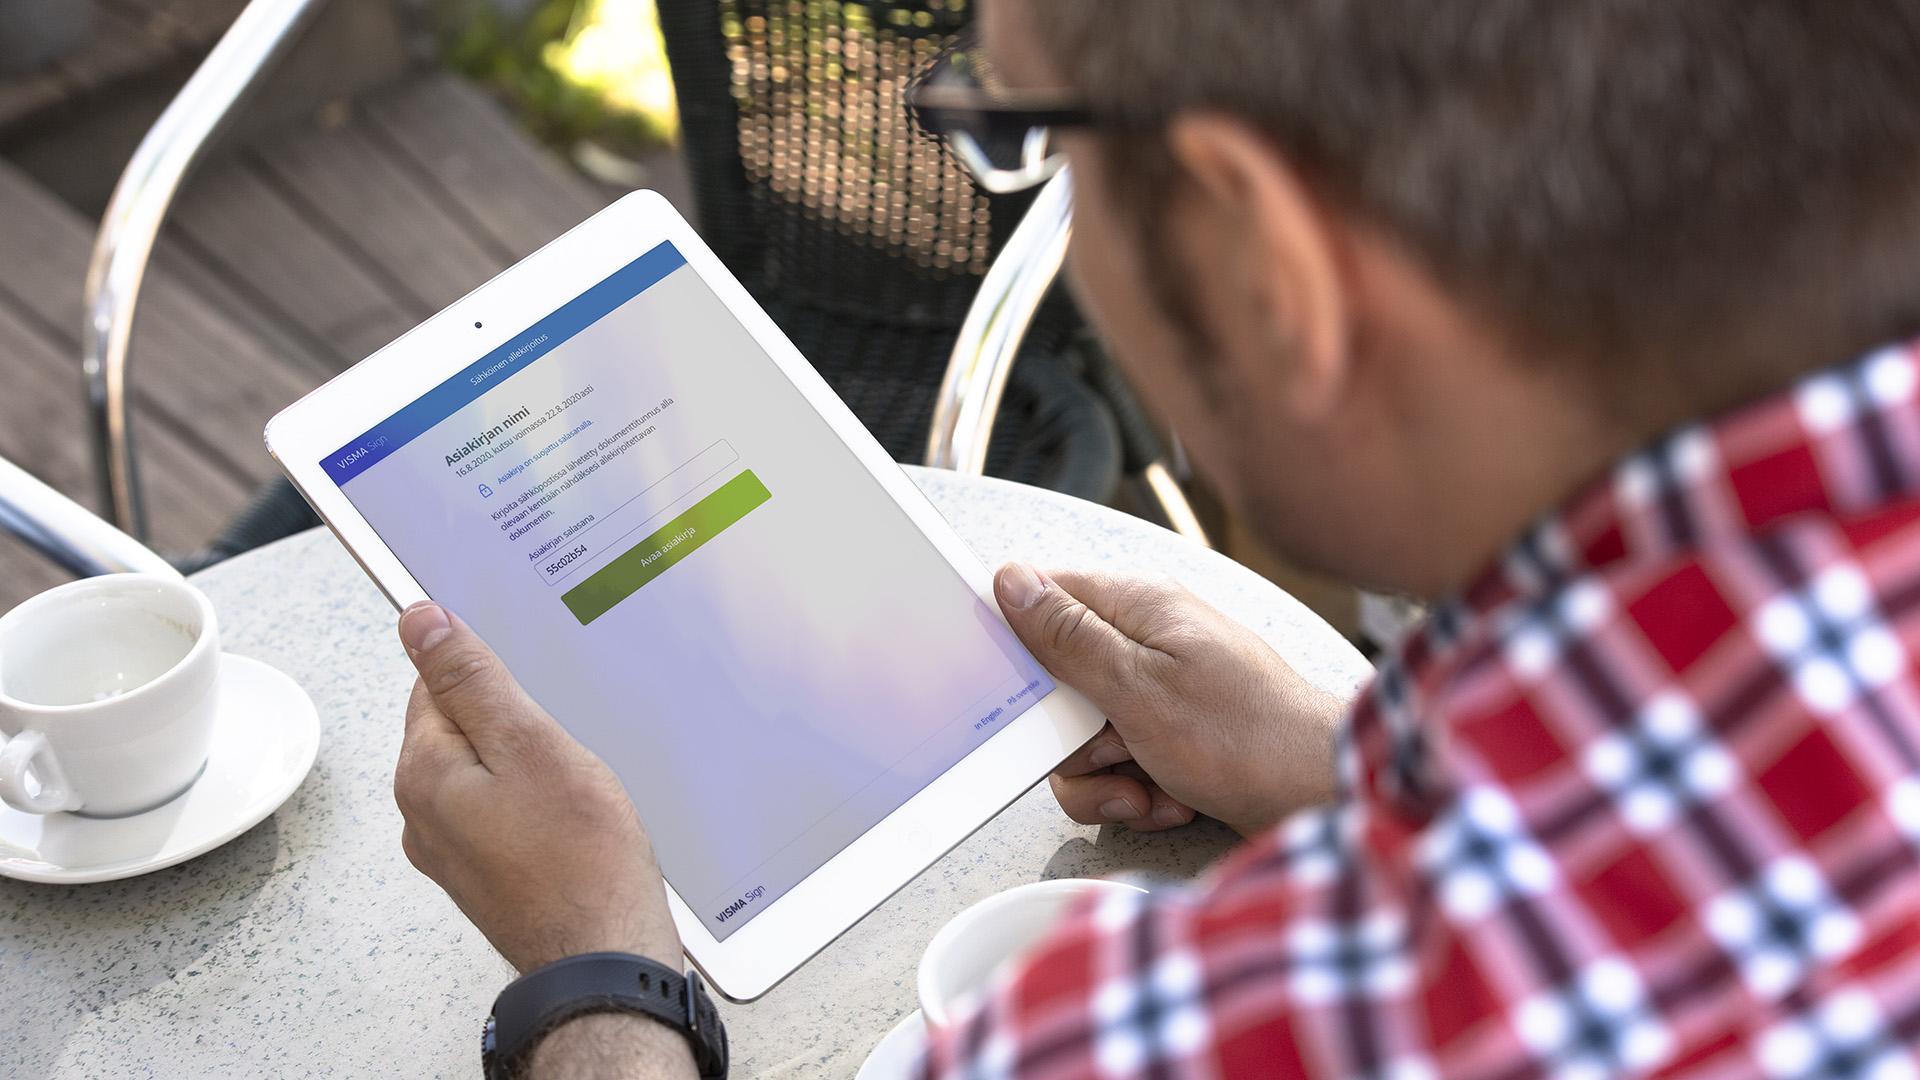 sähköinen allekirjoitus on helppoa tehdä millä tahansa laitteella: tietokoneella, mobiililla tai tabletilla